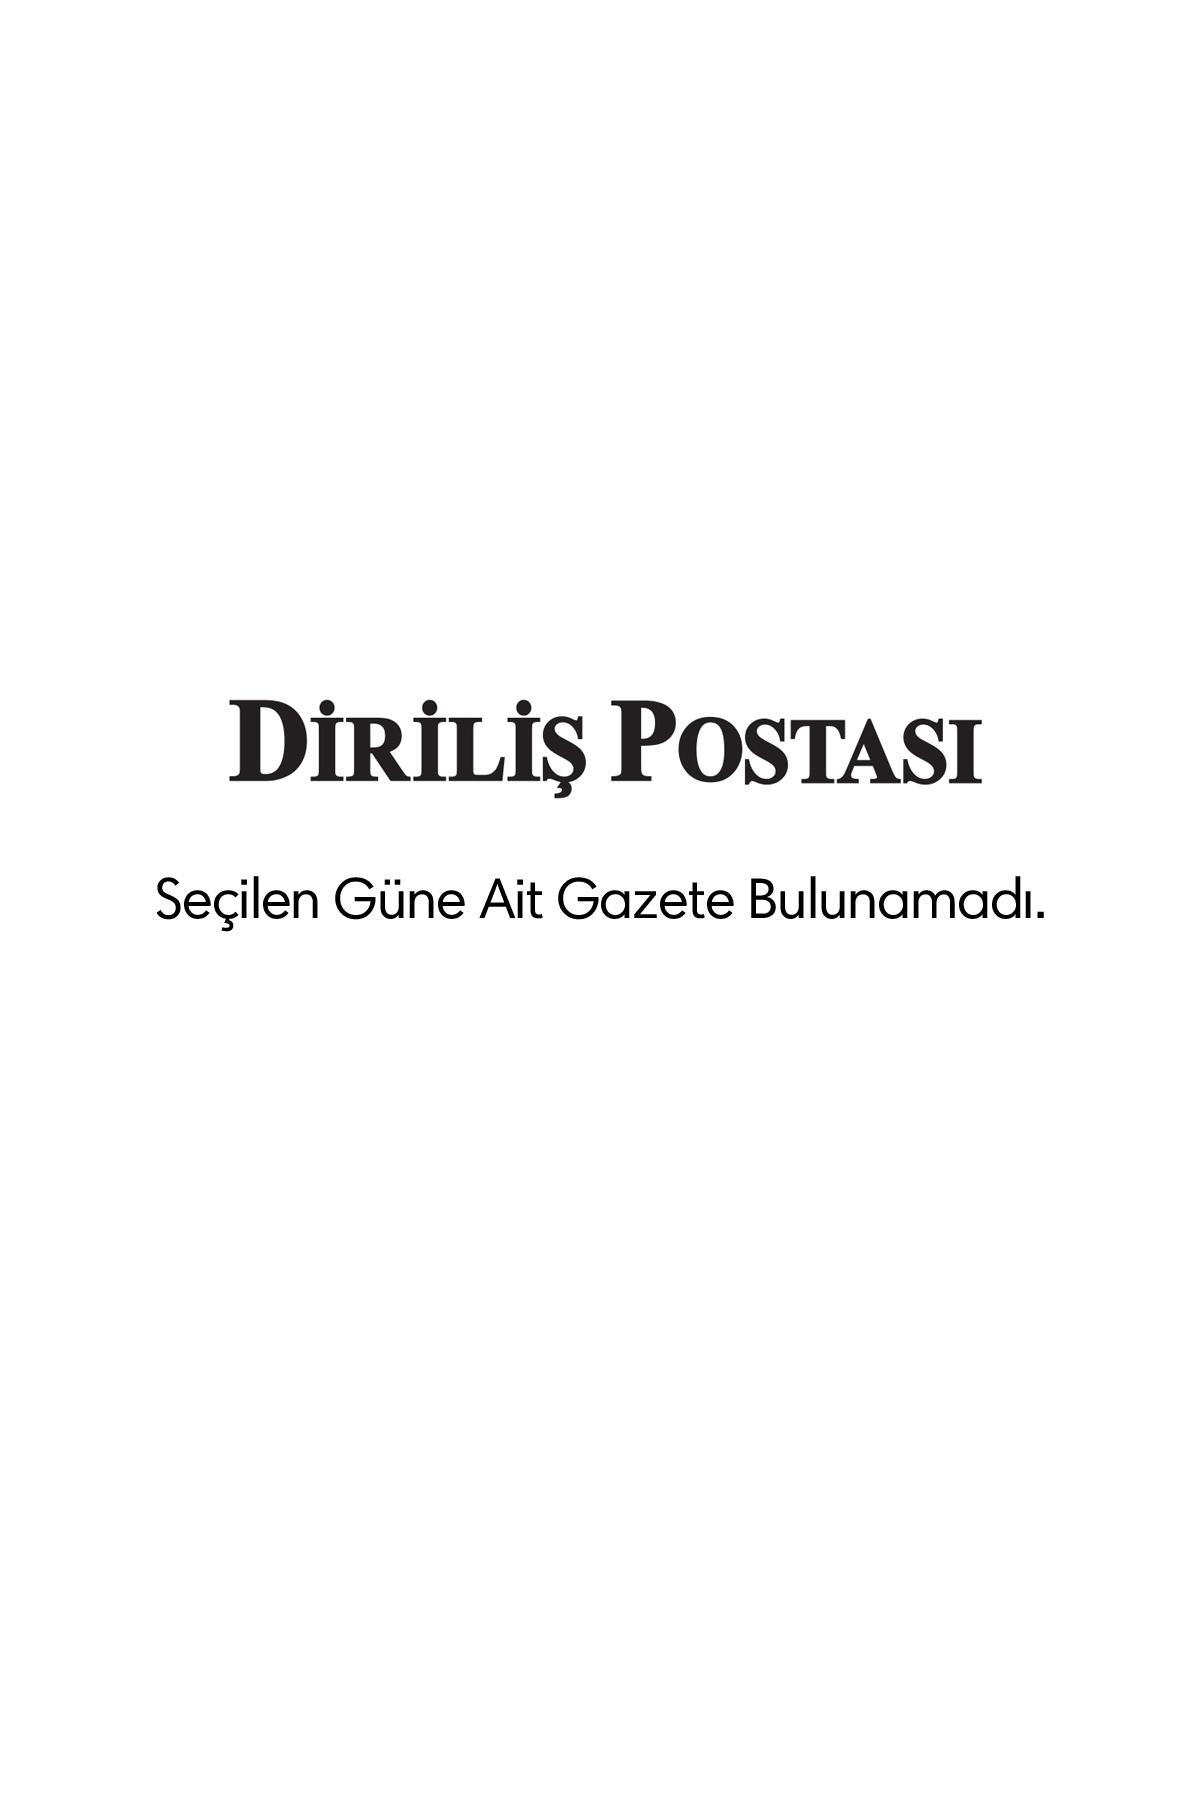 Diriliş Postası Gazetesi Manşeti